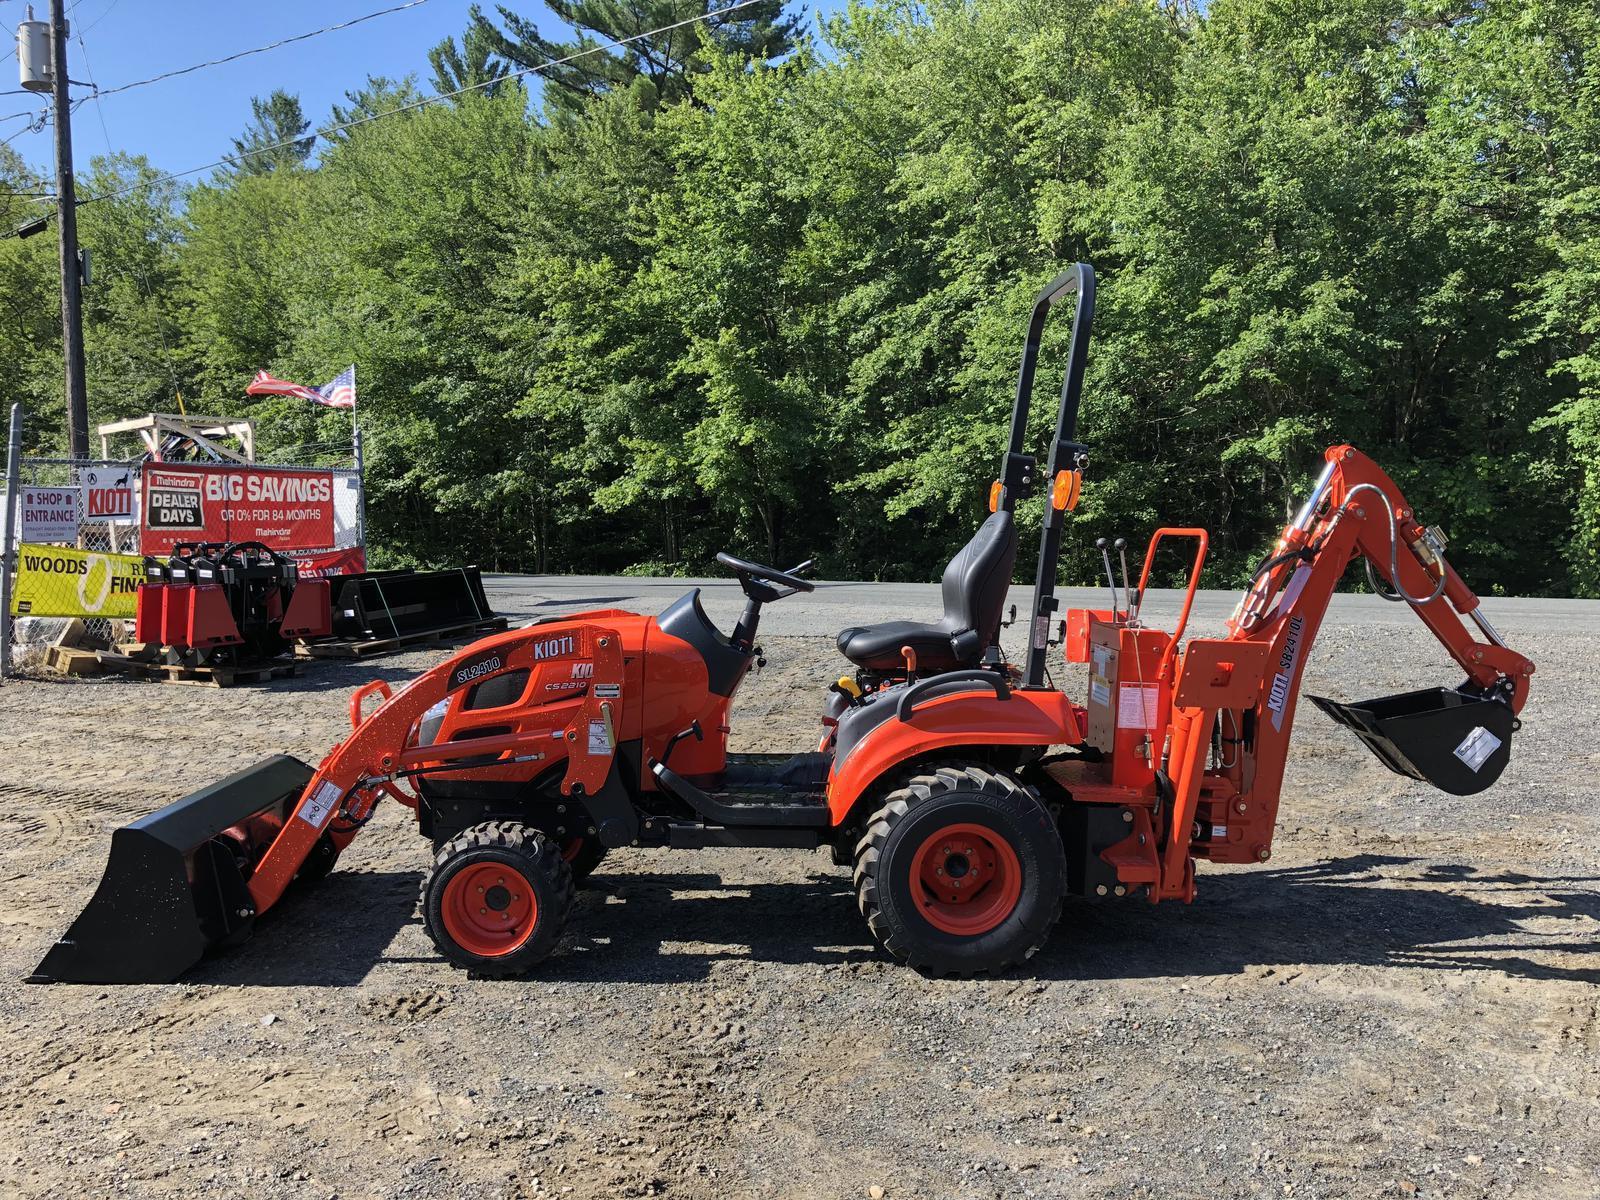 Kioti CS2210S 4x4 Tractor w/ Loader & Backhoe for sale in